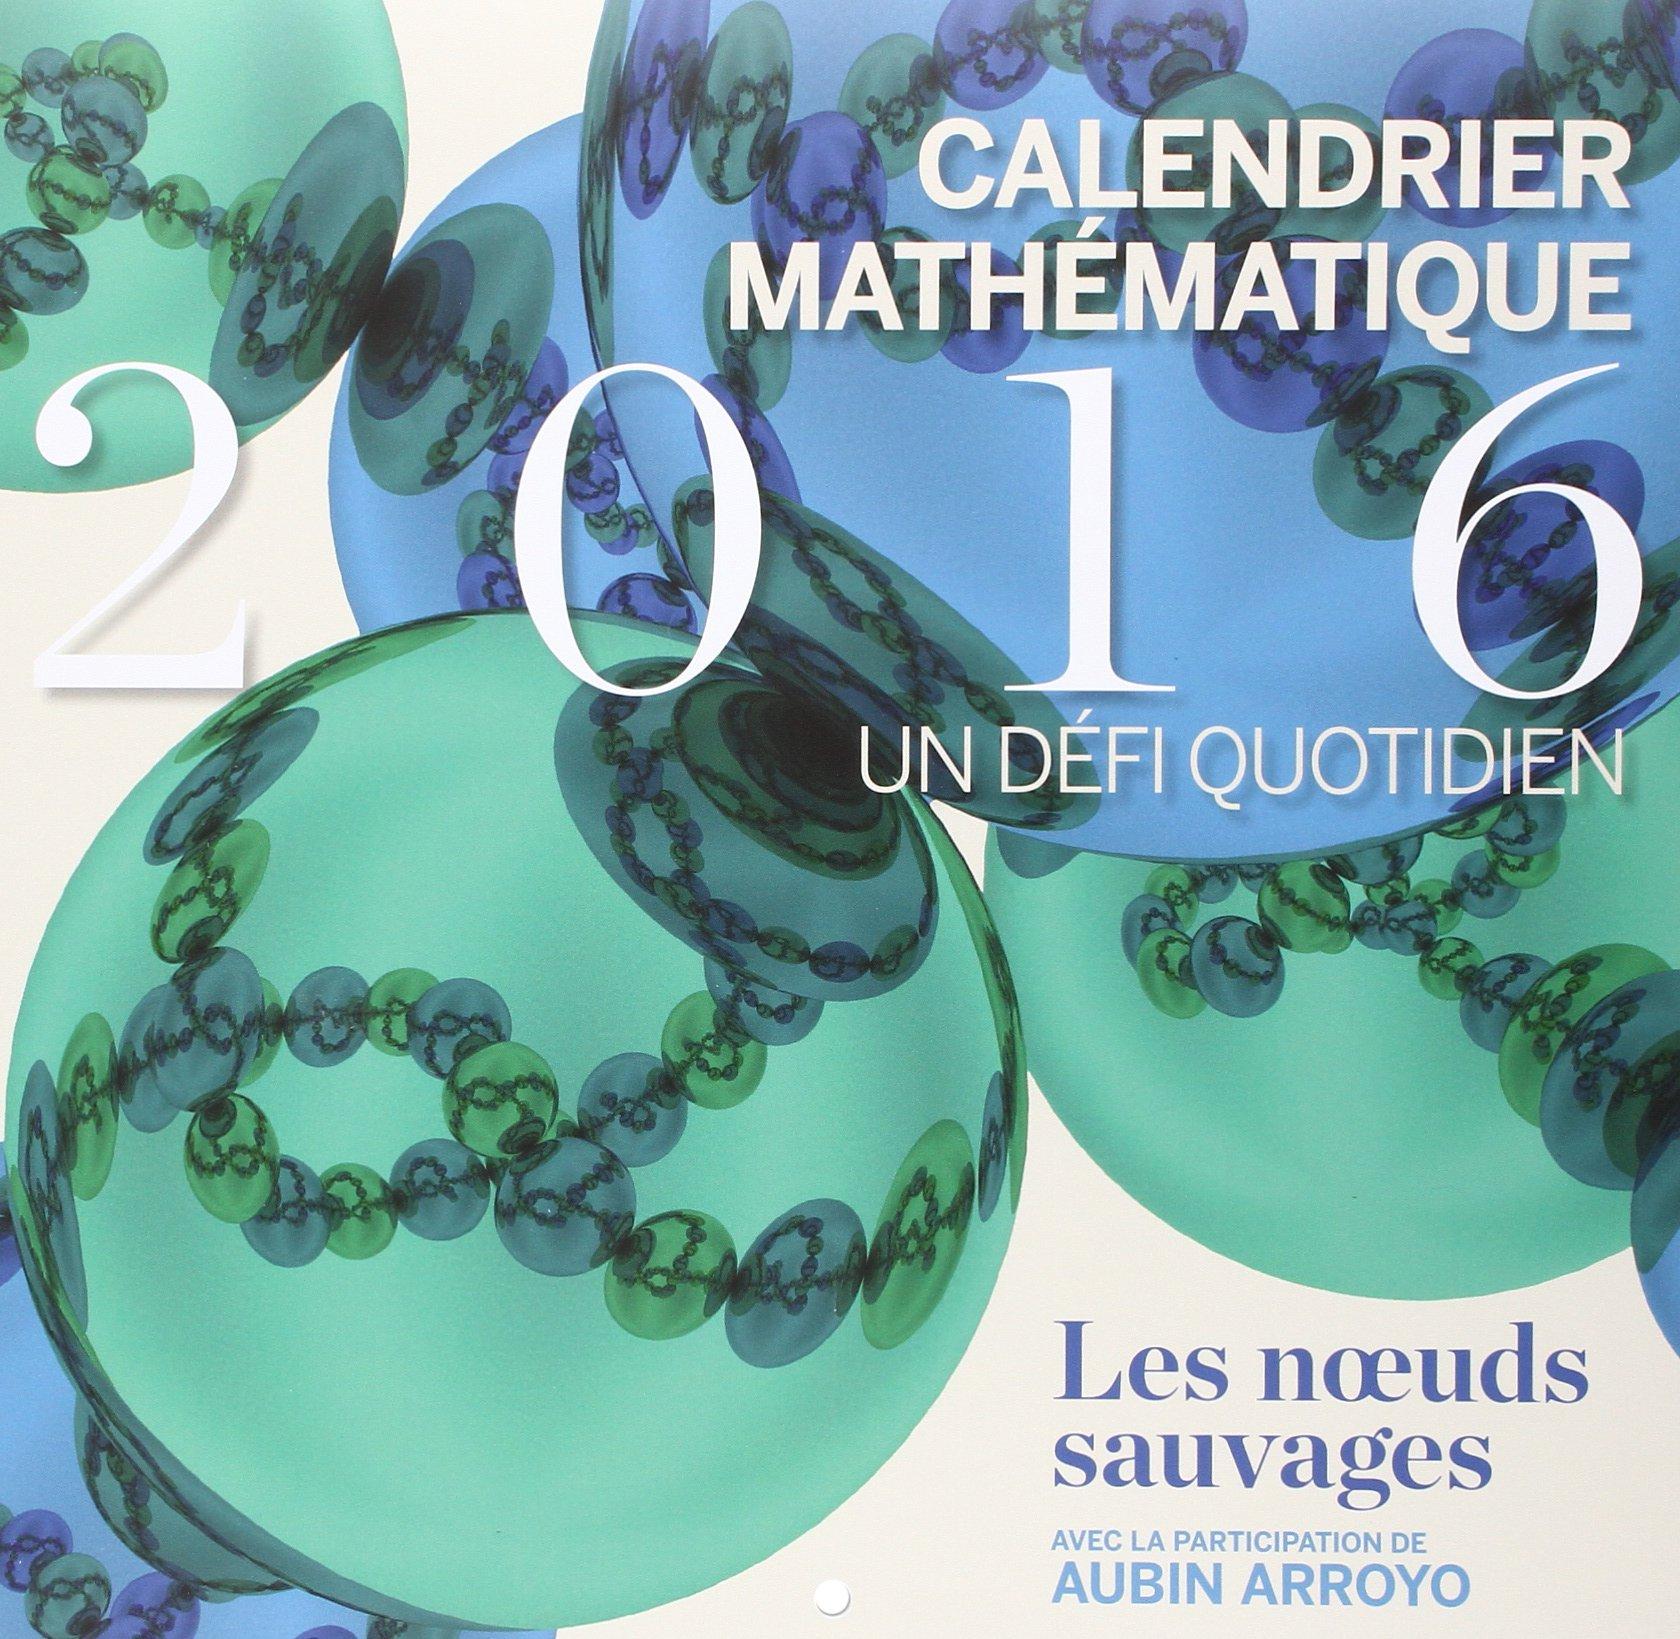 Calendrier Mathématique 2016 Un Défi Quotidien